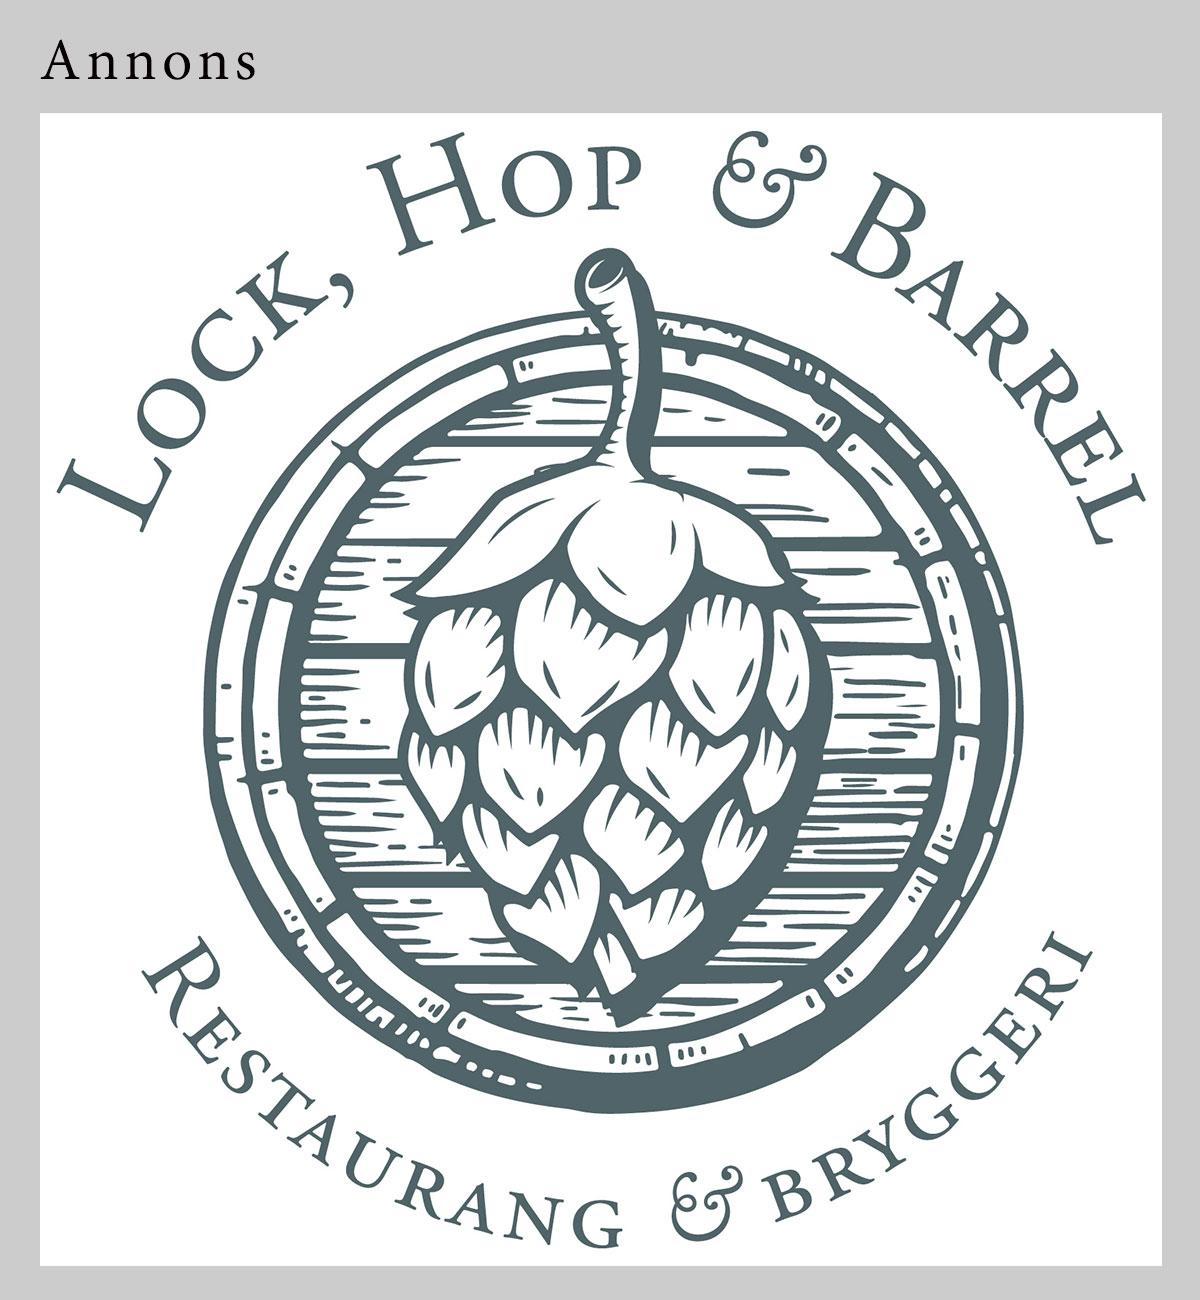 Lock Hop & Barrel